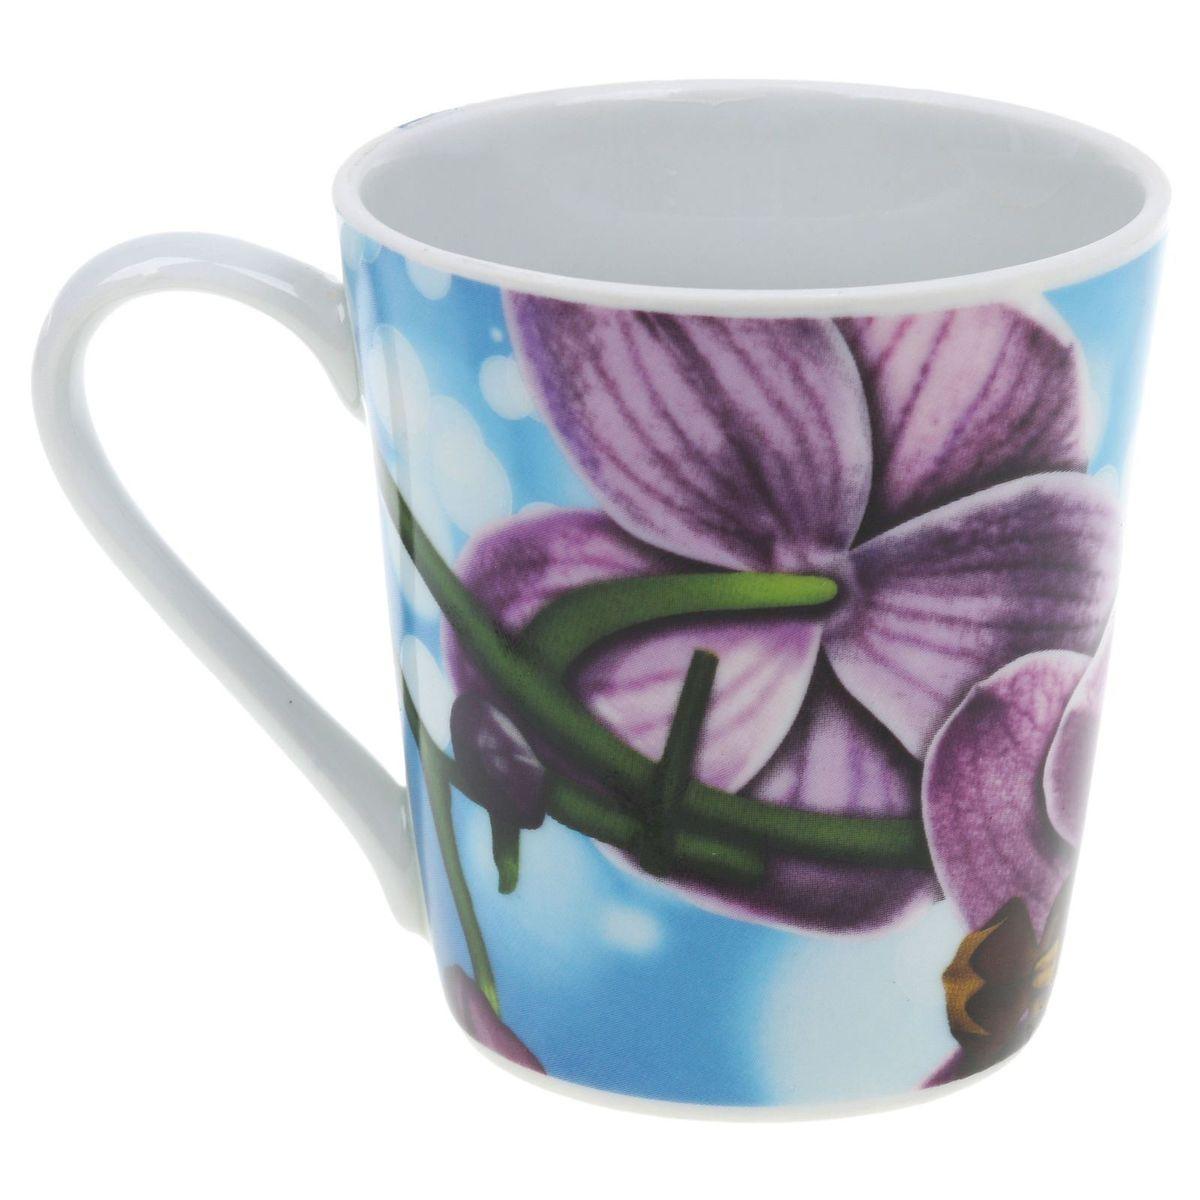 Кружка Классик. Орхидея, цвет: голубой, 300 мл3С0493Кружка Классик. Орхидея изготовлена из высококачественного фарфора. Внешние стенки изделия оформлены красочным рисунком. Такая кружка прекрасно подойдет для горячих и холодных напитков. Она дополнит коллекцию вашей кухонной посуды и будет служить долгие годы.